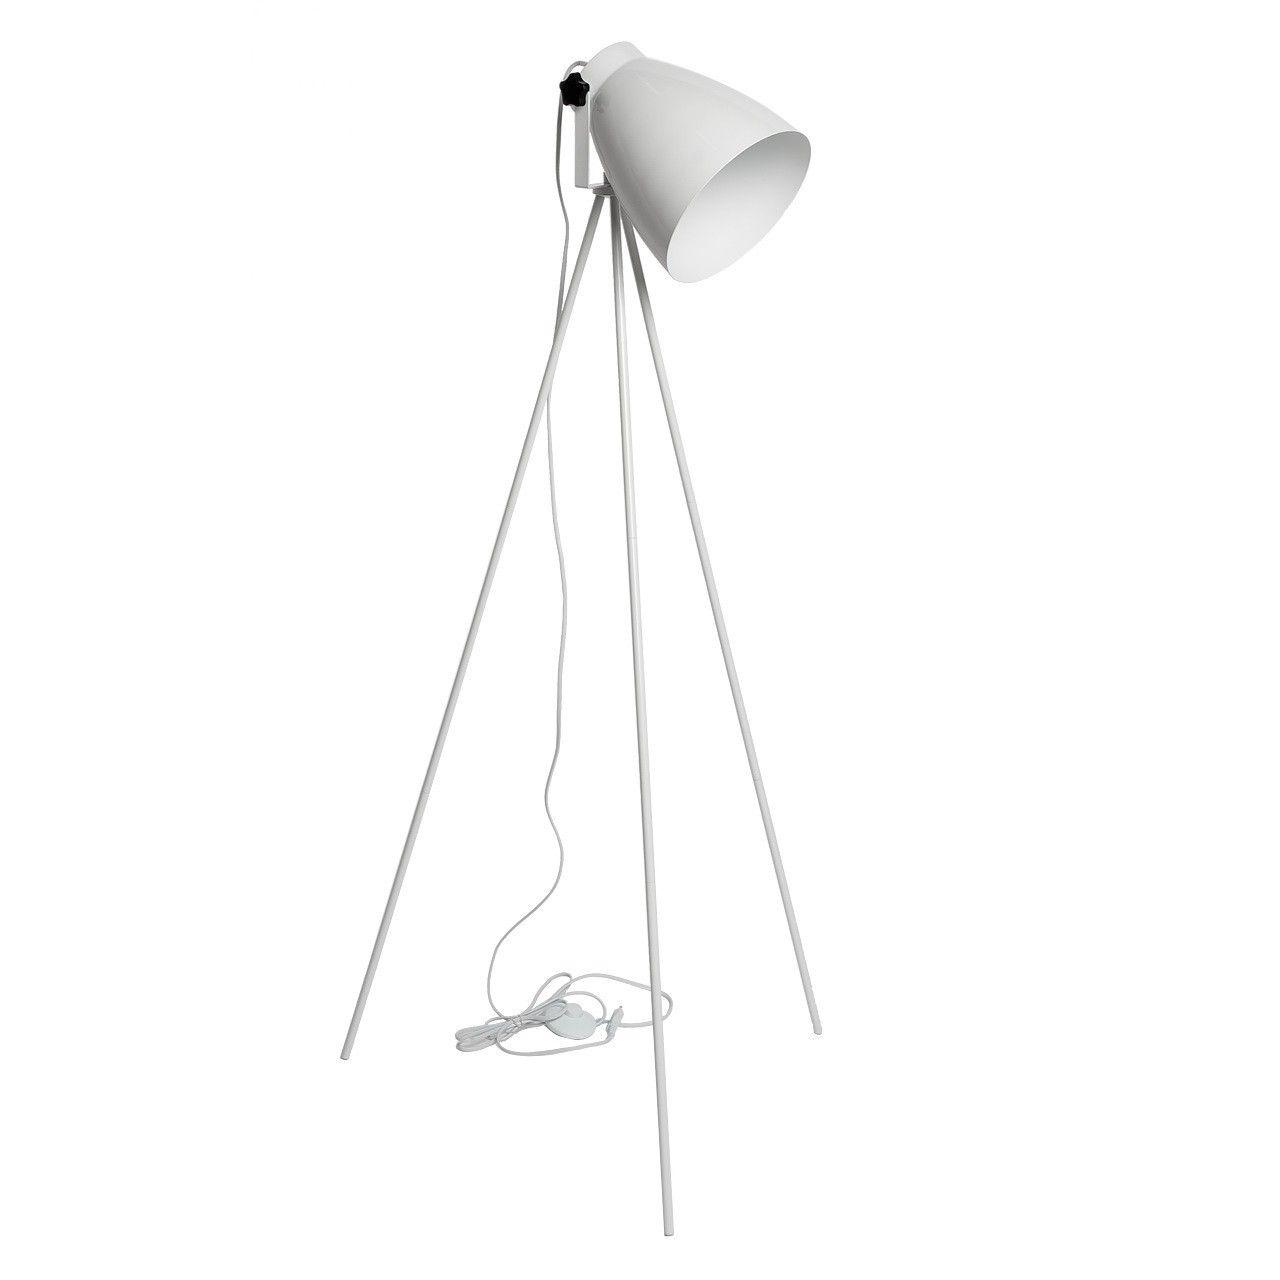 Stehlampe MW013, Stehleuchte Standleuchte, weiß | Apartment ...